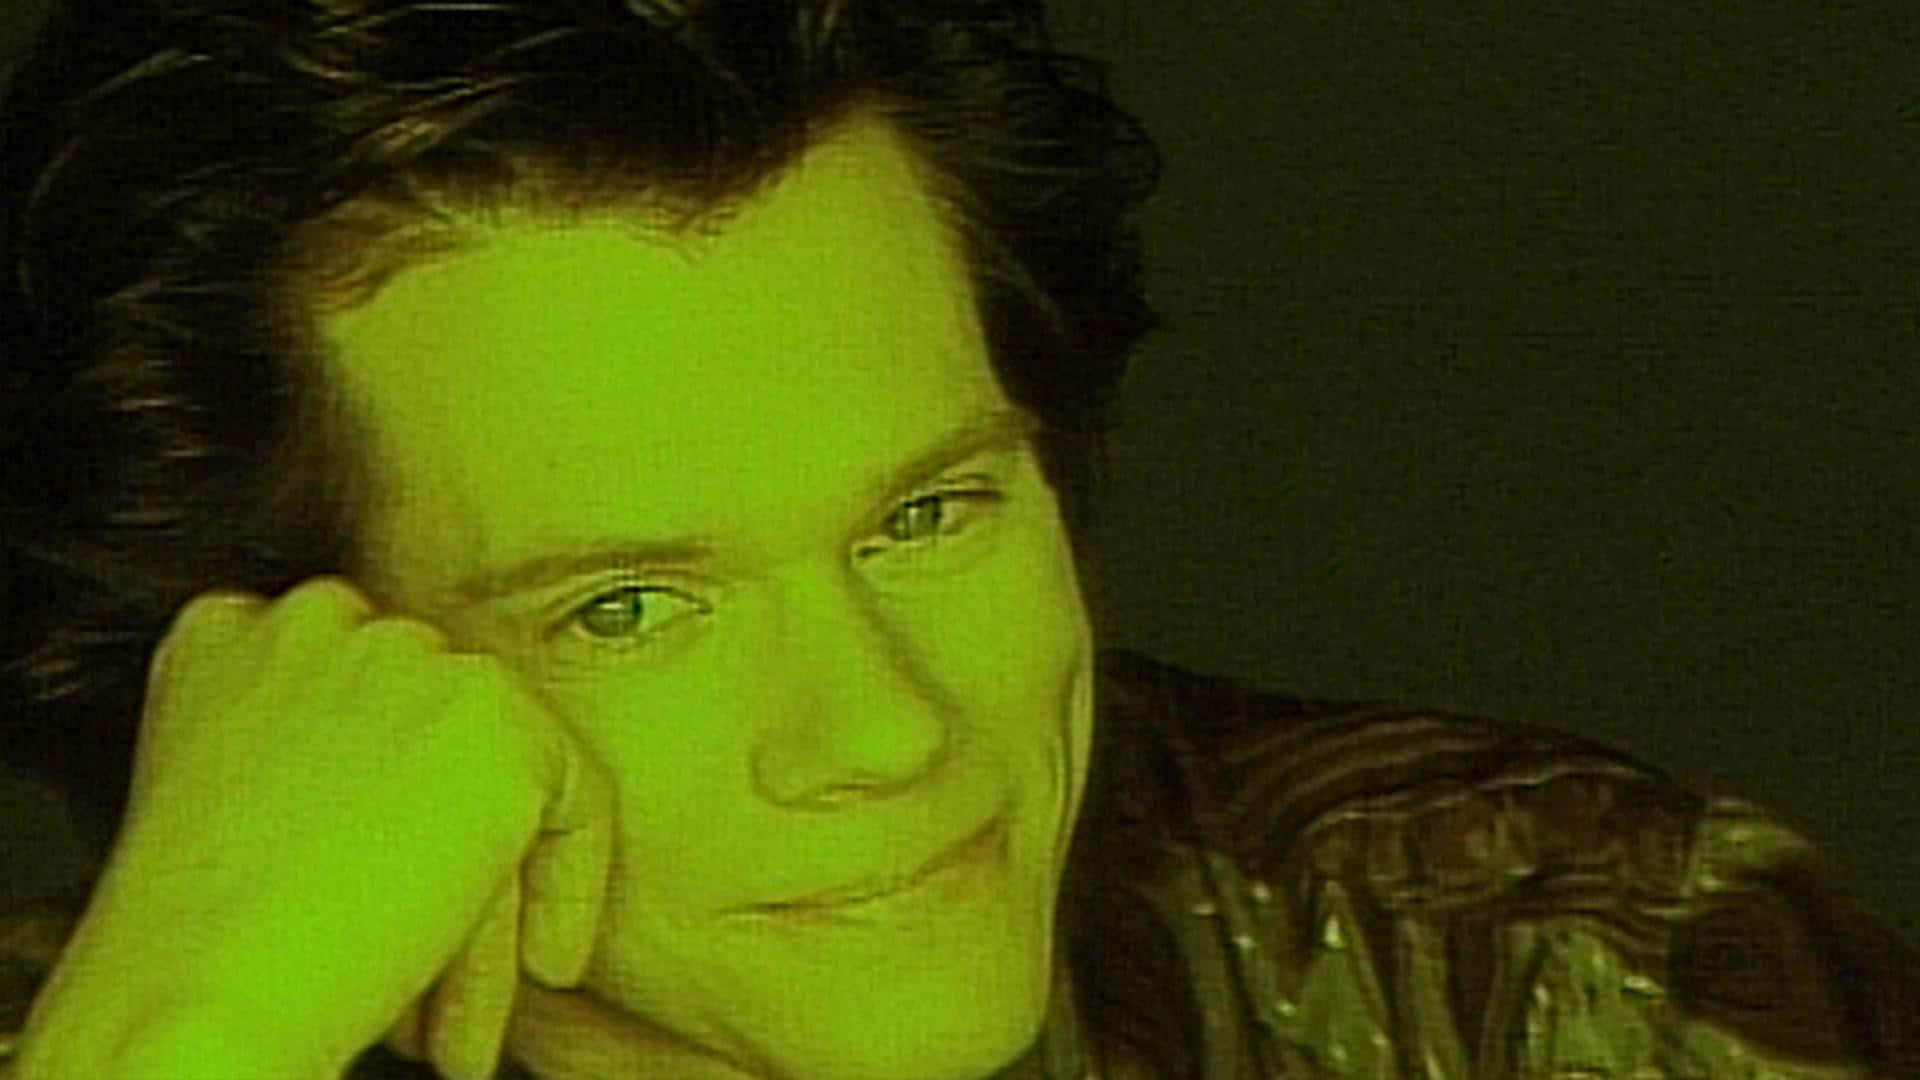 Kevin Bacon: February 9, 1991